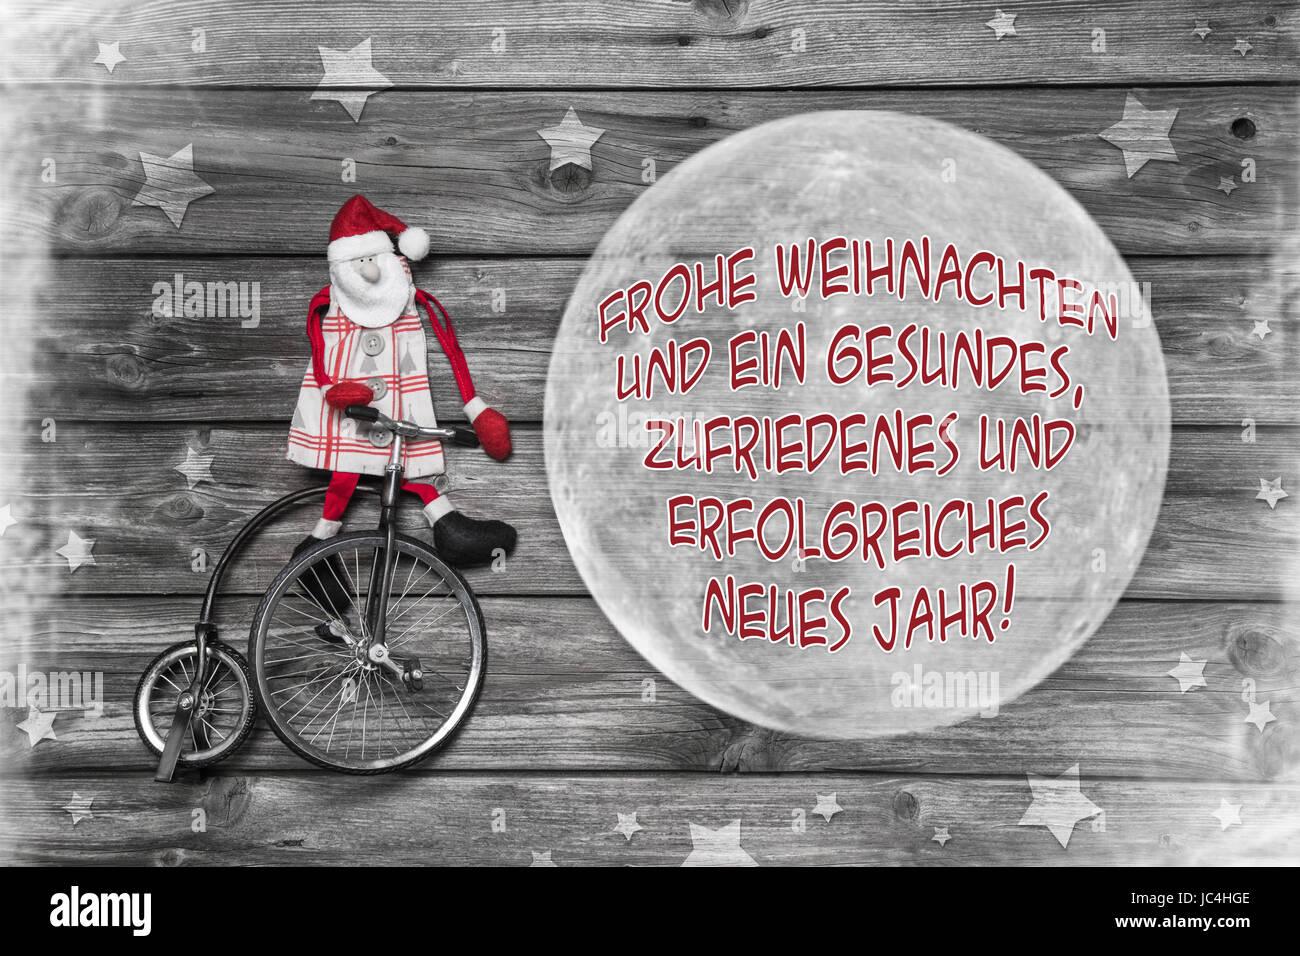 Frohe Weihnachten Und Ein Erfolgreiches Neues Jahr.Deutsche Weihnachtsgrußkarte In Rot Weiß Graue Farbe Mit Text Frohe